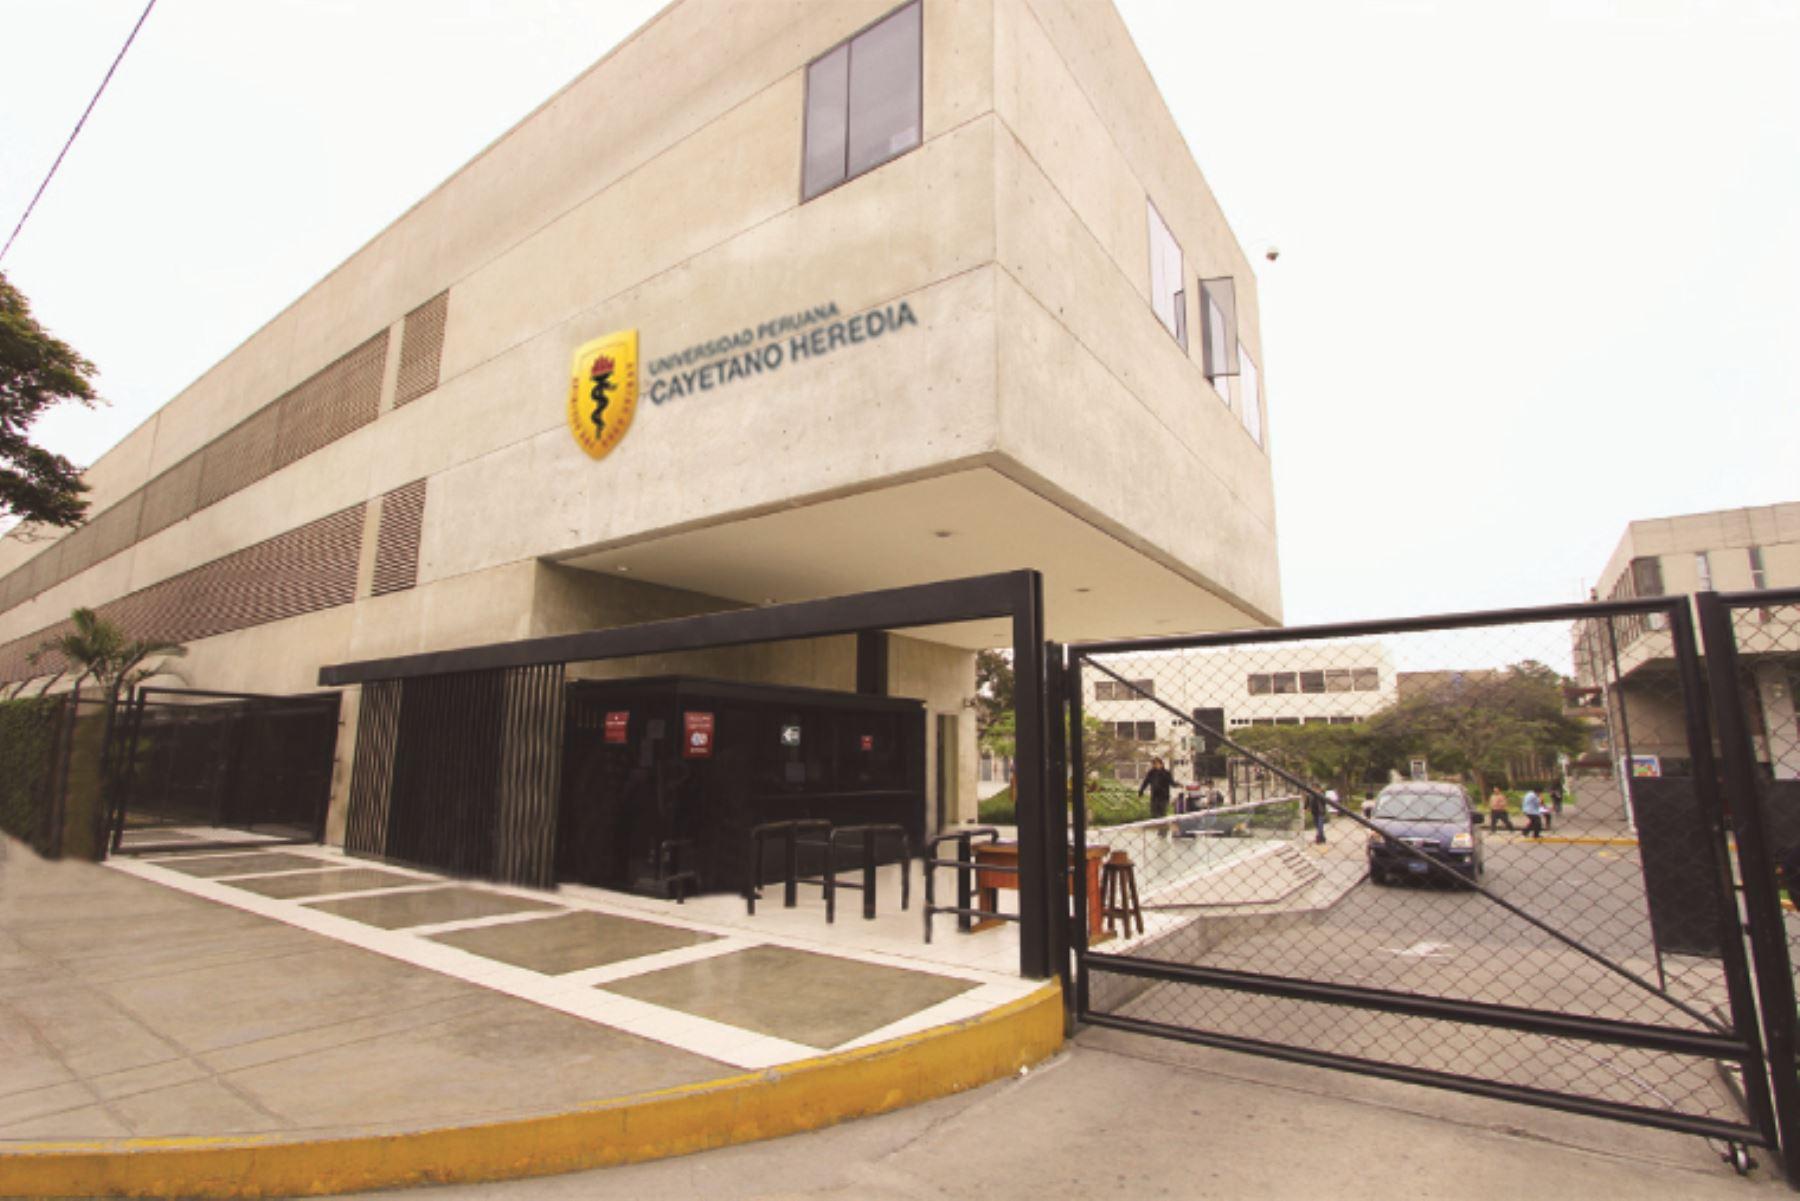 La Universidad Peruana Cayetano Heredia concluyó los procesos administrativos en torno al ensayo clínico de Sinopharm. Foto: ANDINA/difusión.